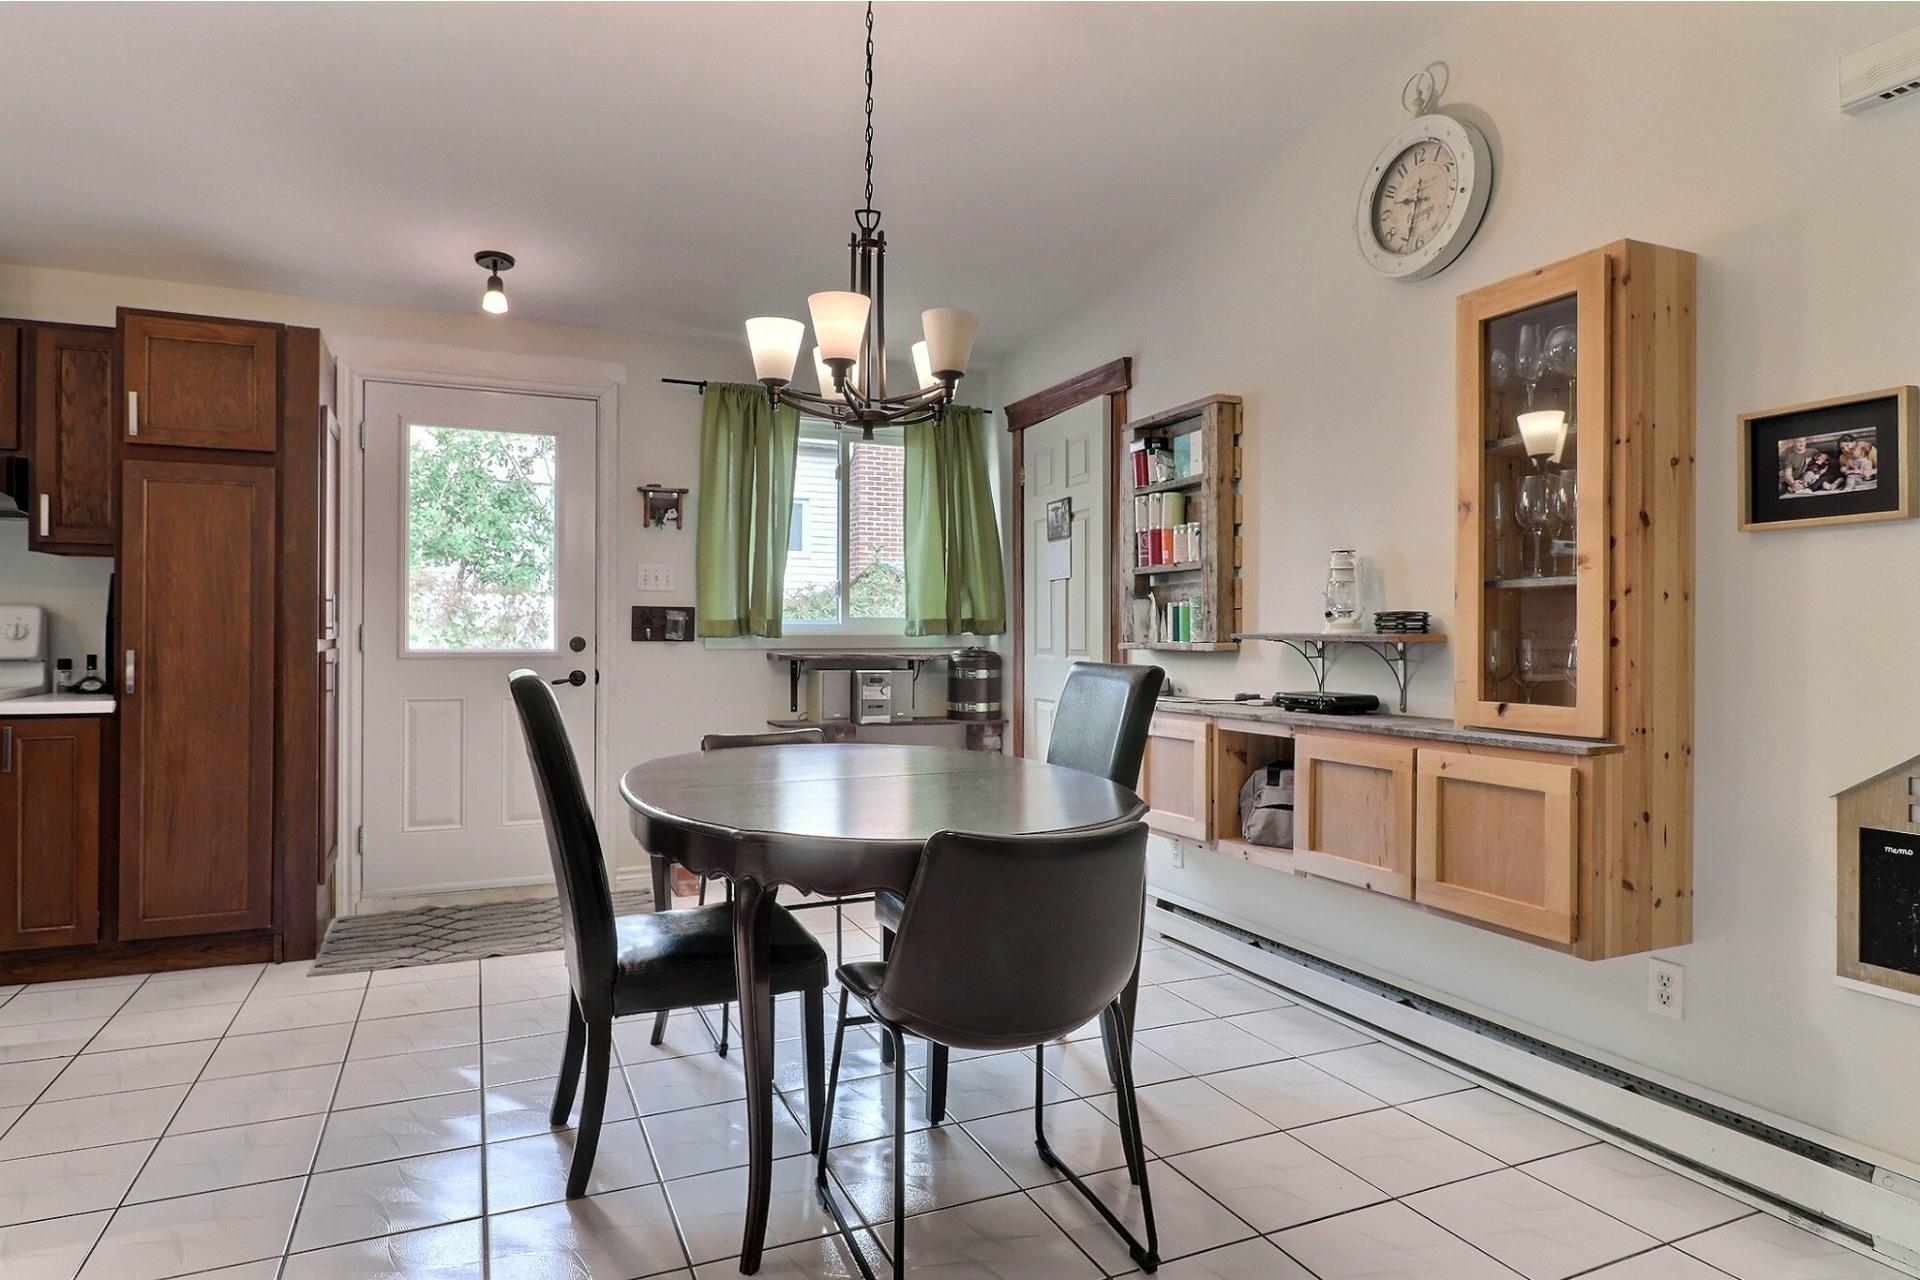 image 6 - House For sale Bois-des-Filion - 8 rooms